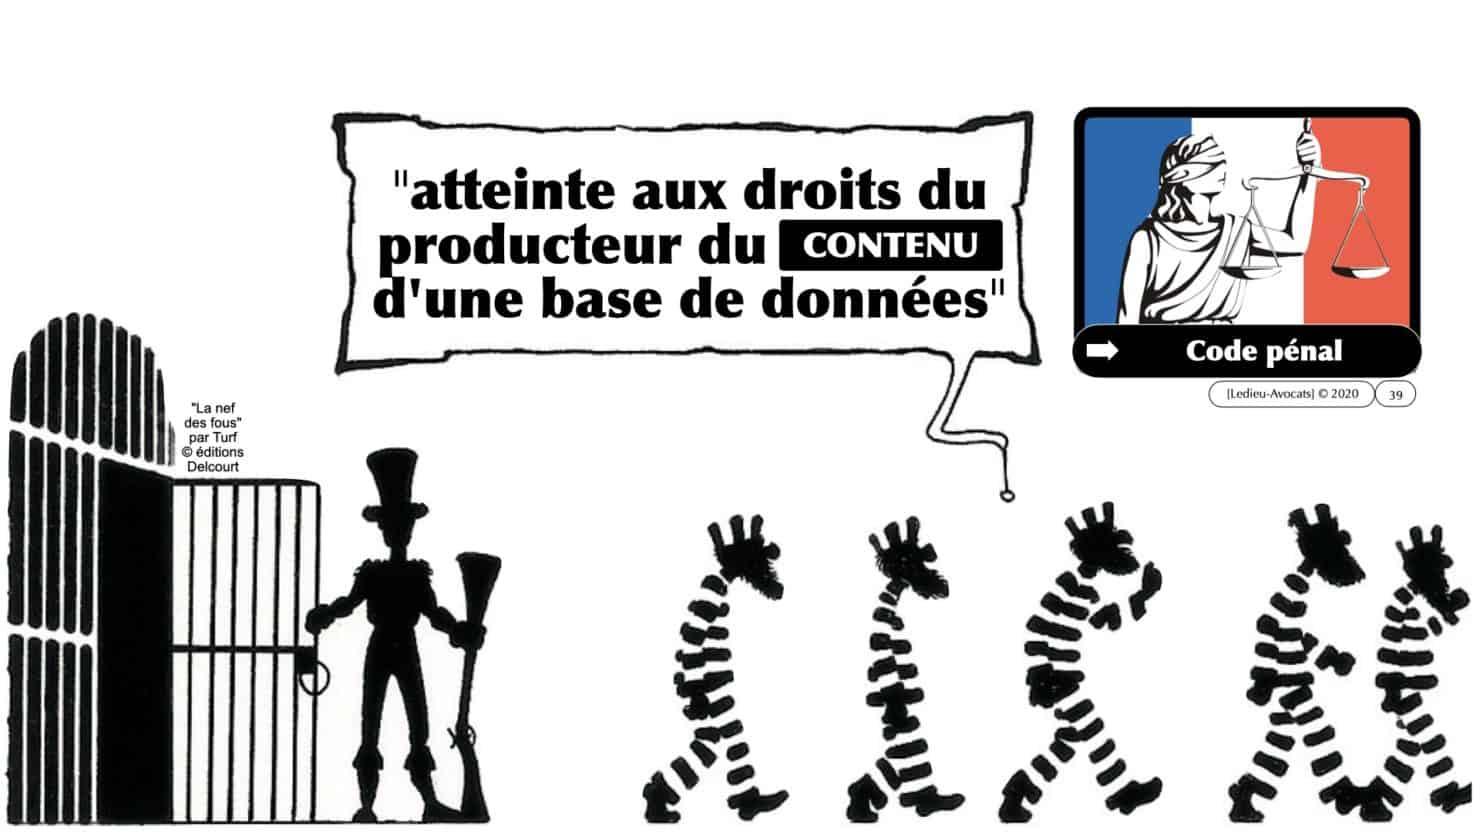 309 pseudonymisation et anonymisation des bases de données pour ACTUAIRE *16:9* © Ledieu-avocat 01-11-2020.039